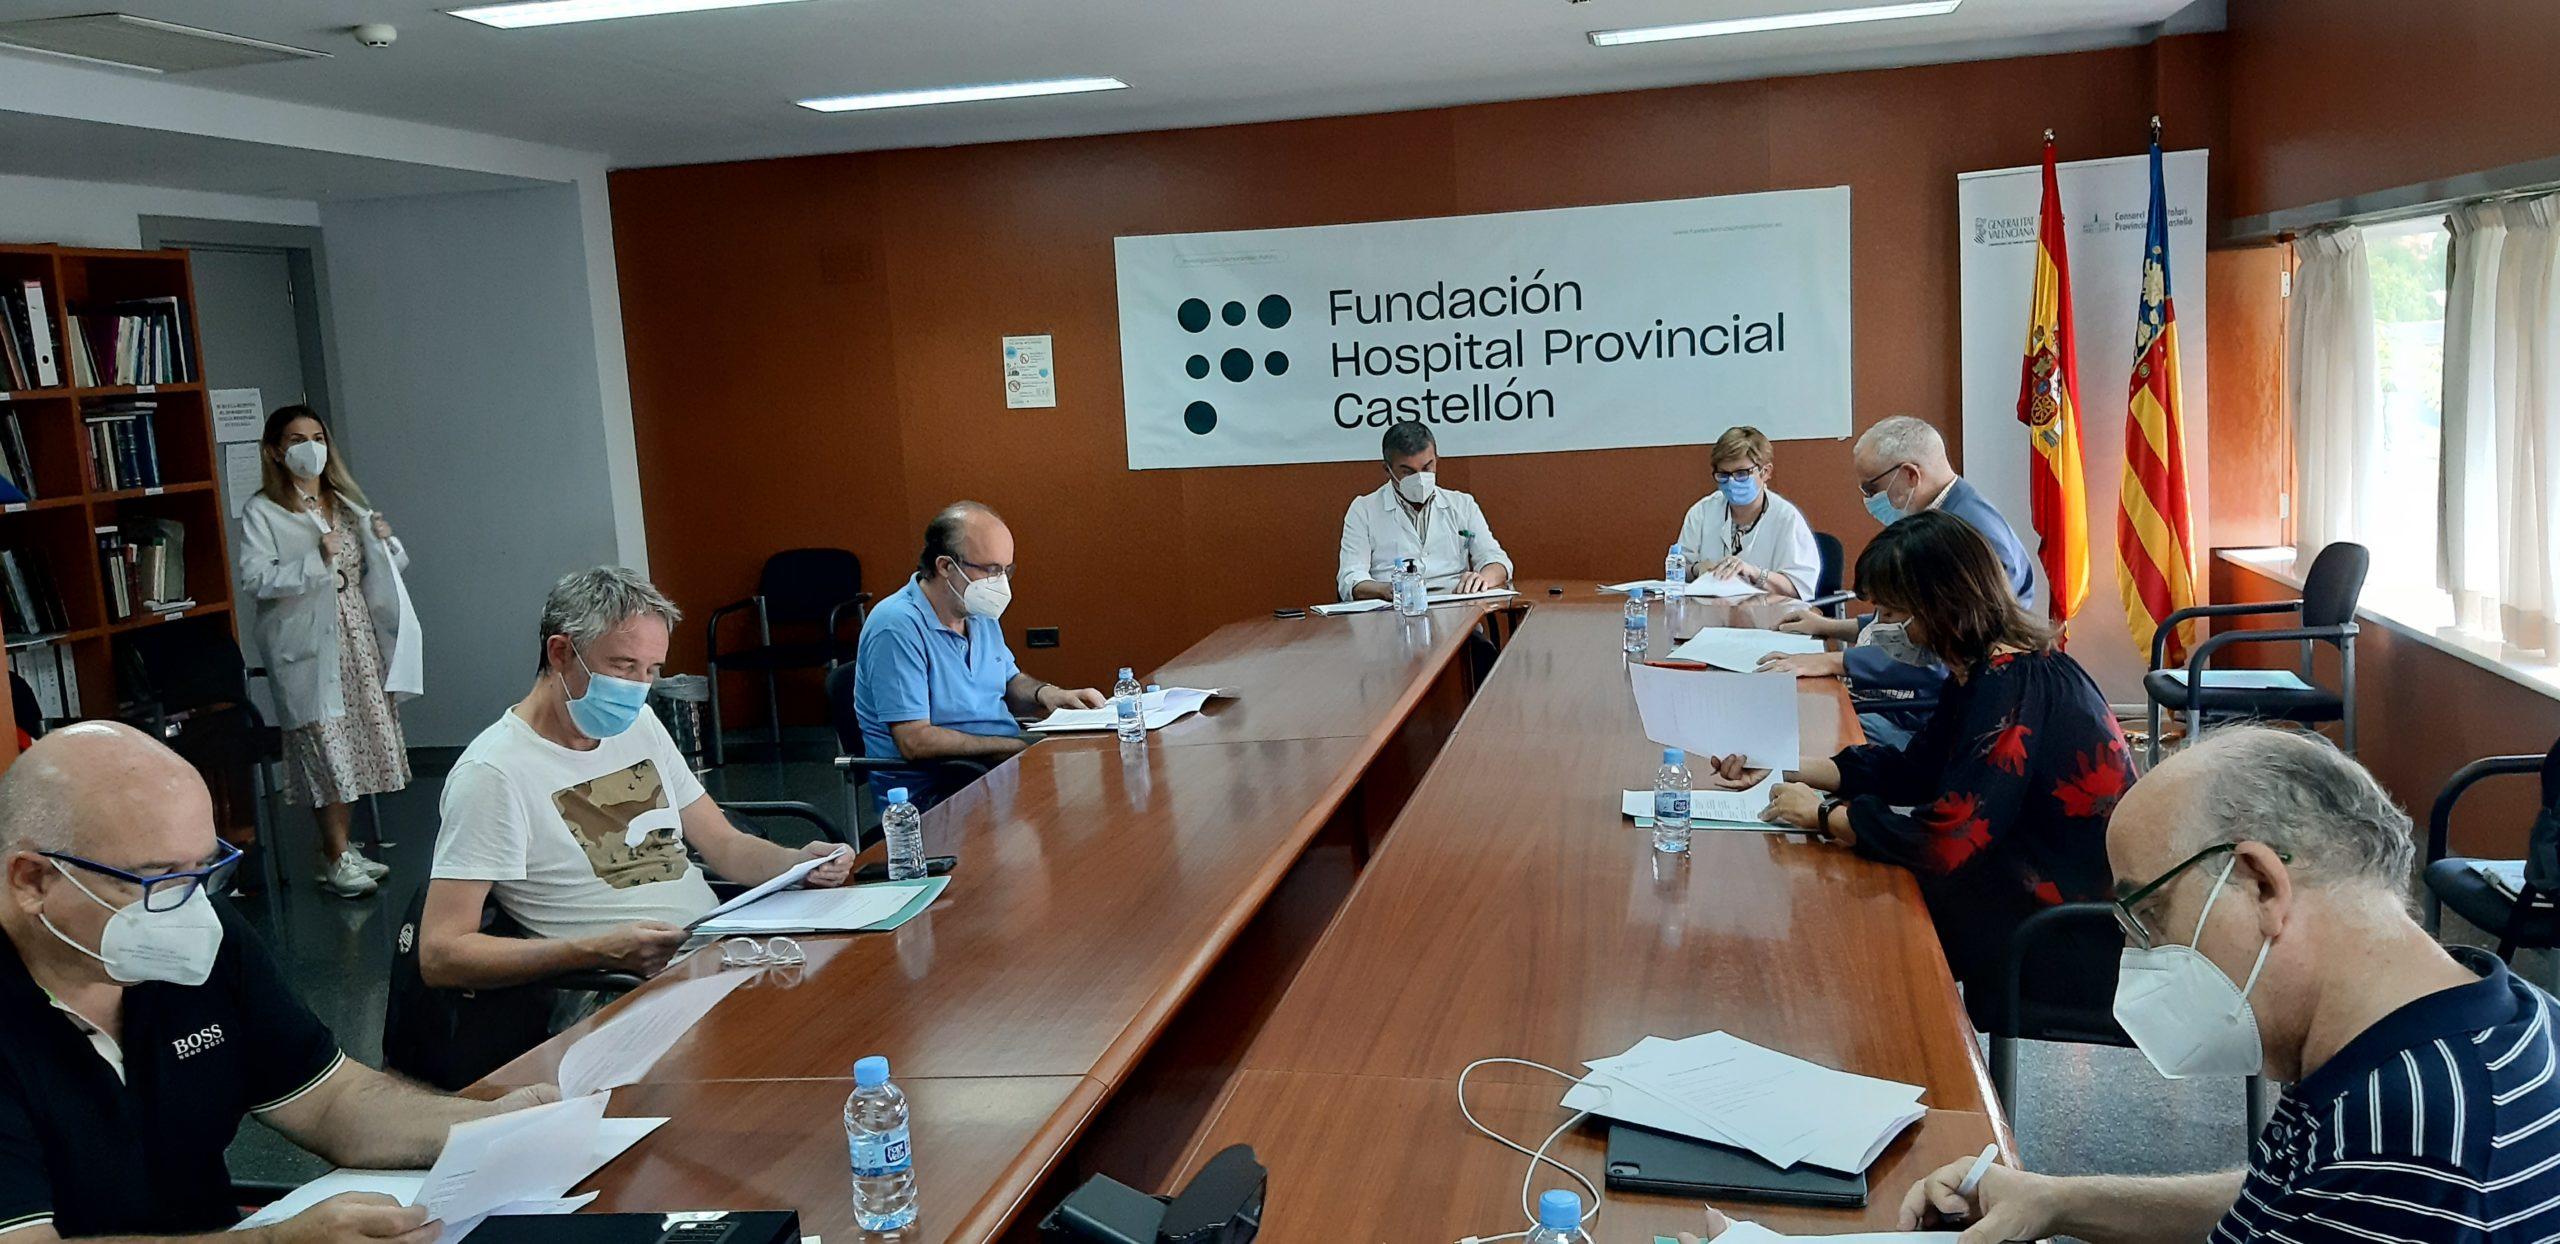 Reunión del Comité Científico Interno